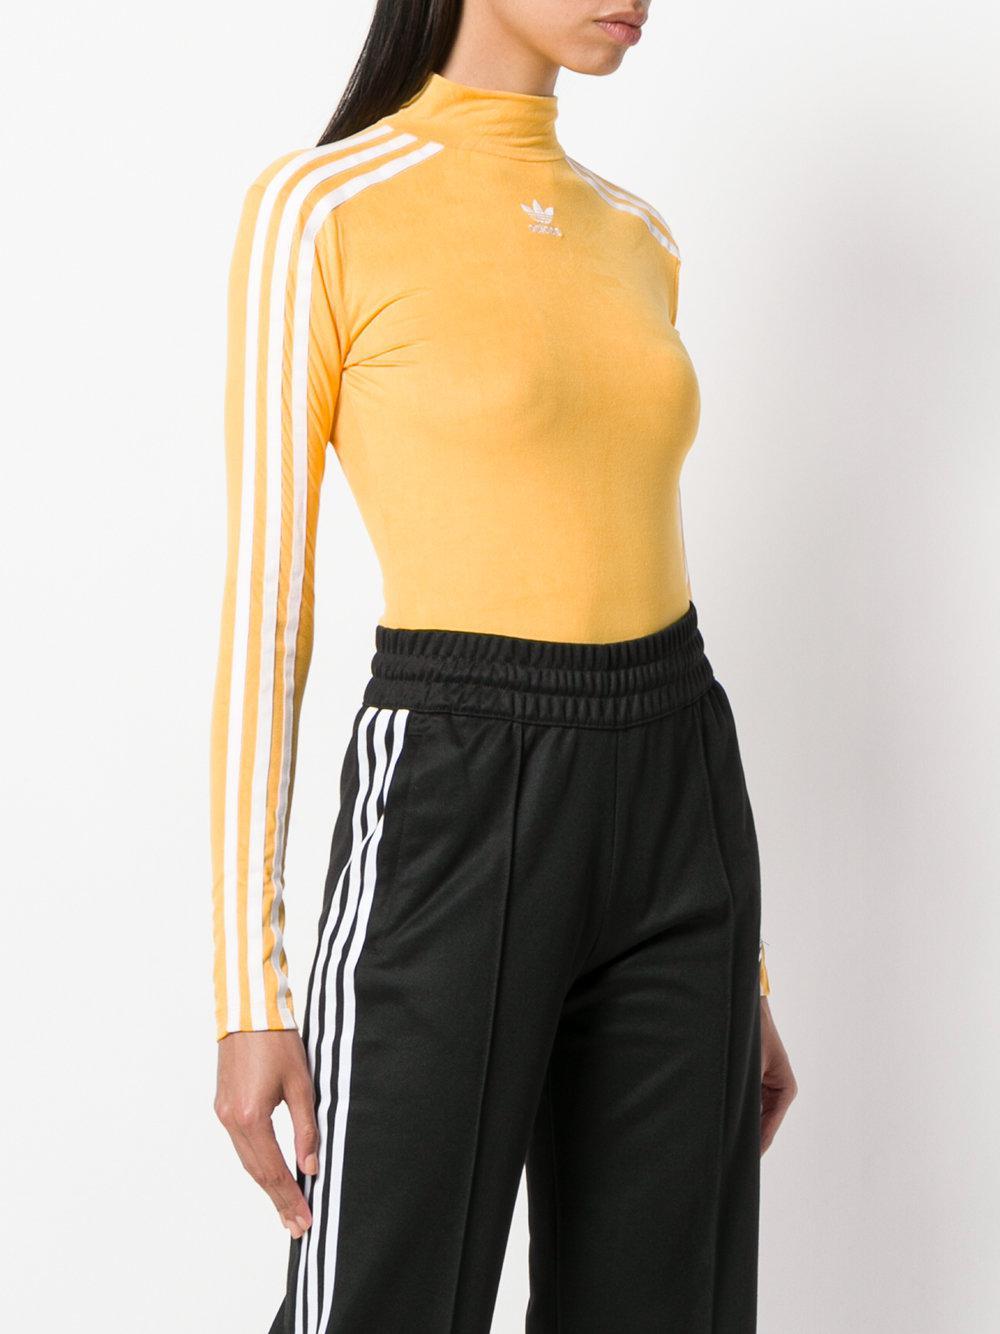 Lyst Adidas Body Ray Body Adidas Lyst Ray Lyst rrTq4H